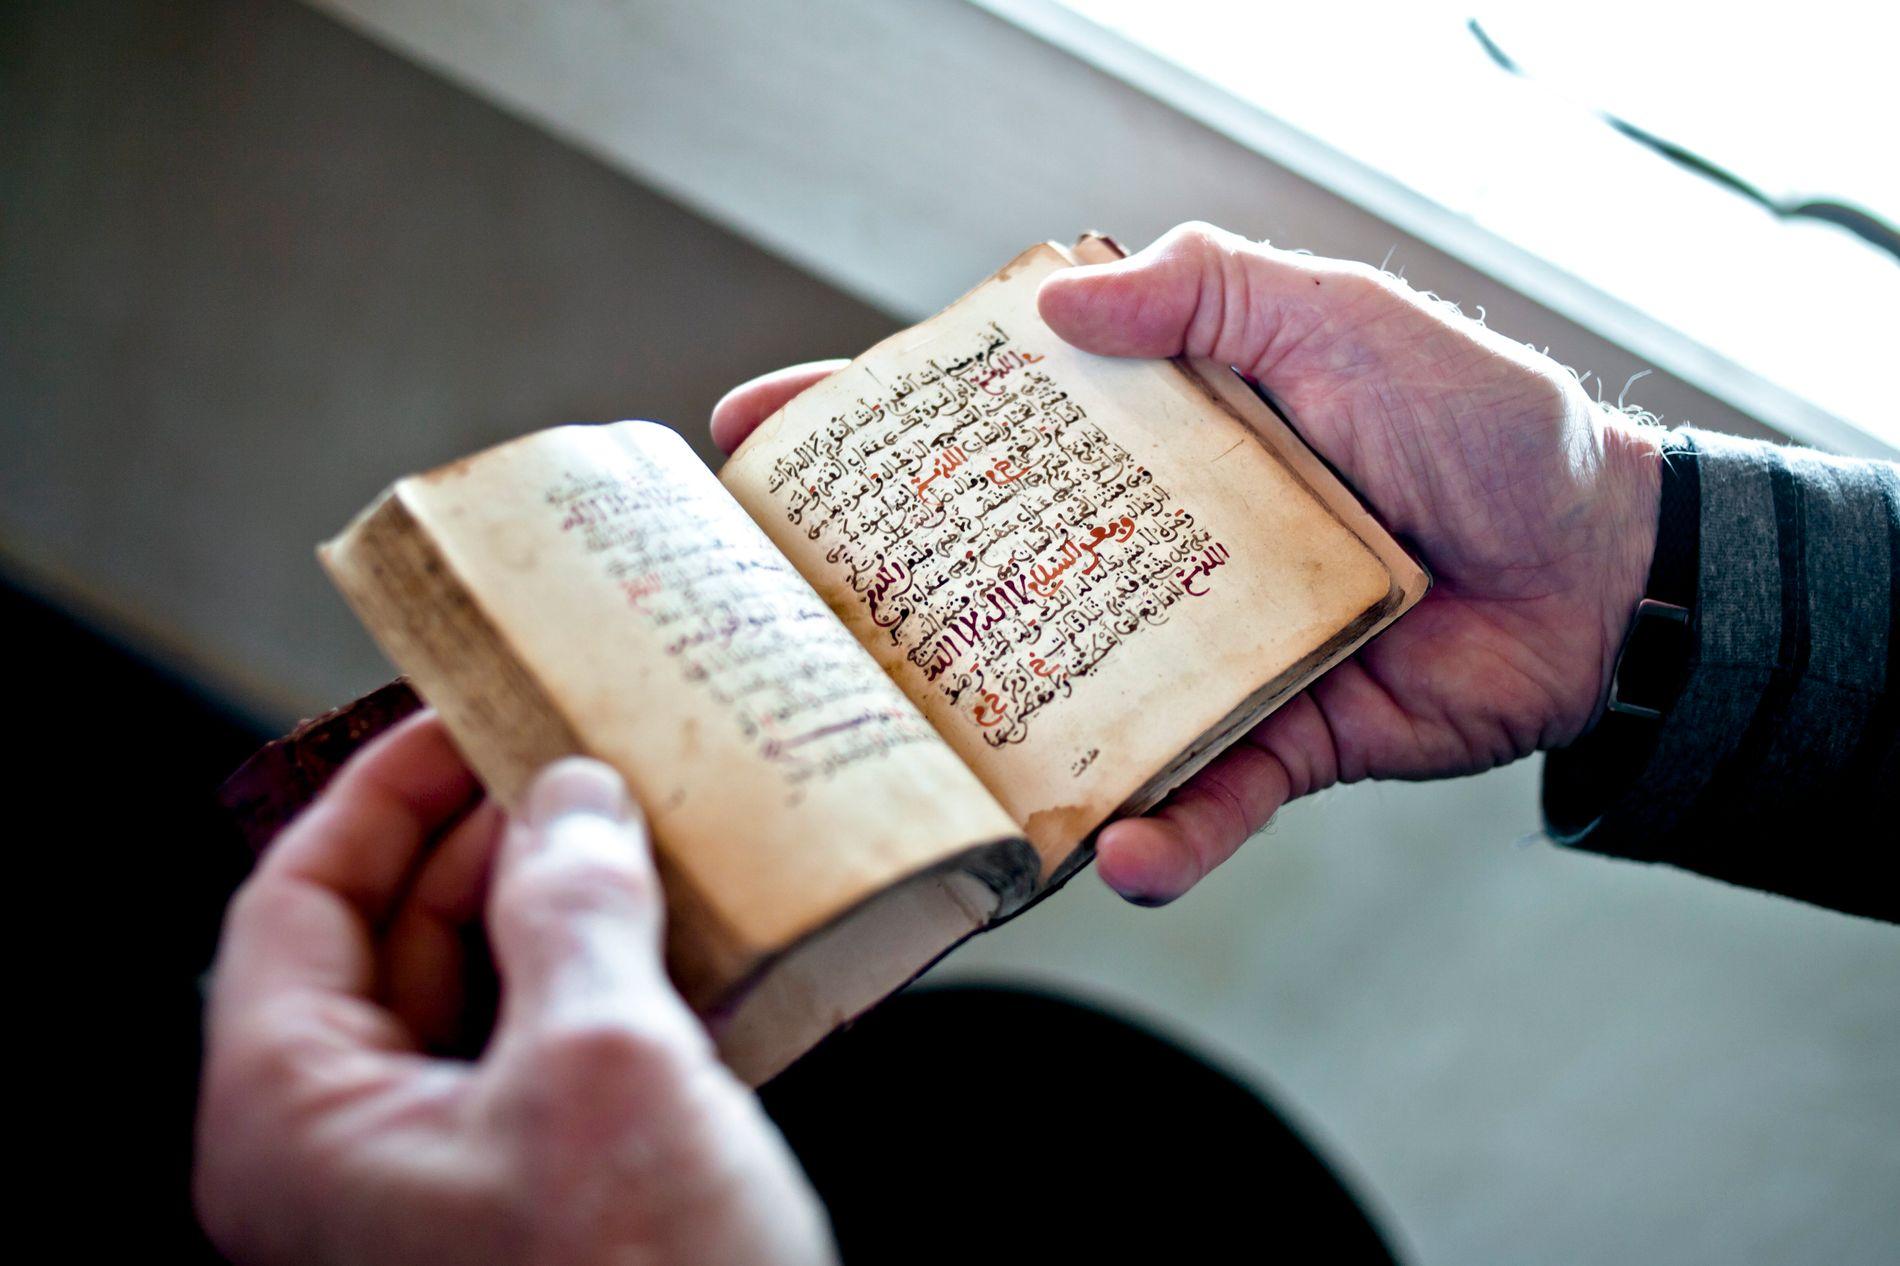 BRANT KORANEN: Tiltalte skal ha lagt ut en video på Facebook der han brenner Koranen. Dette er et illustrasjonsbilde.